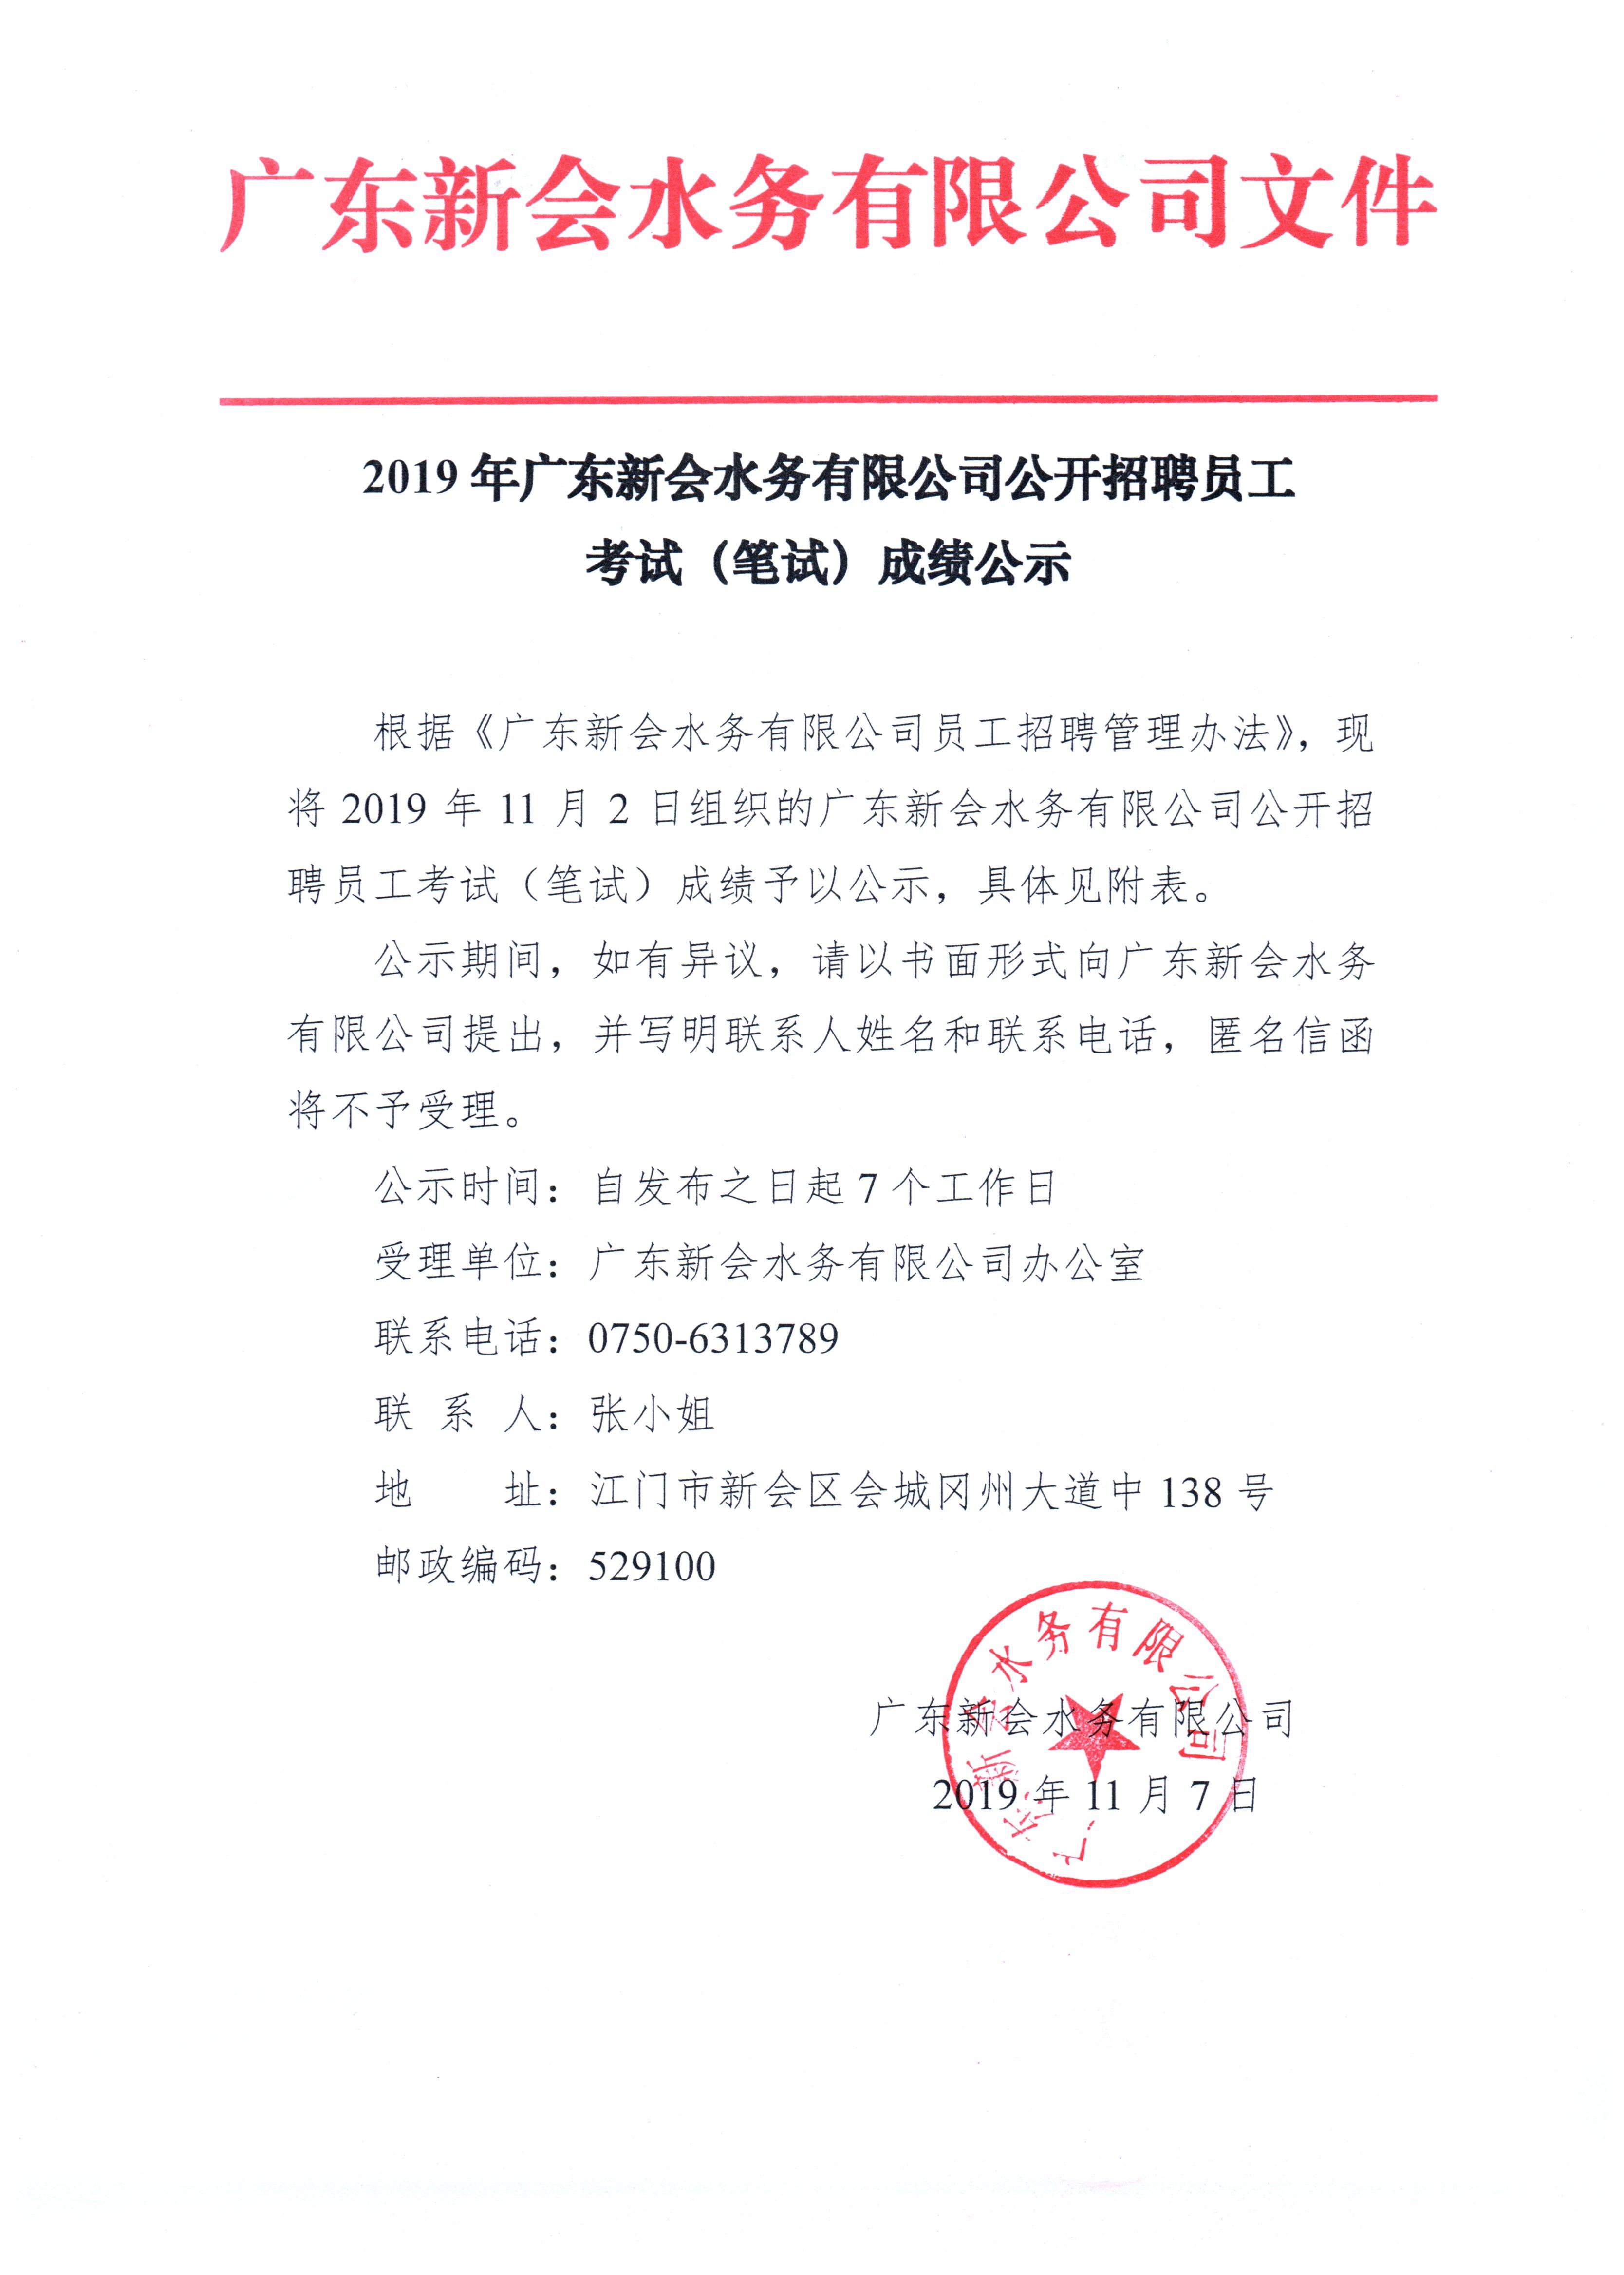 【企业招聘】新会水务公司公开招聘员工考试(笔试)成绩公布.docx图1.jpg